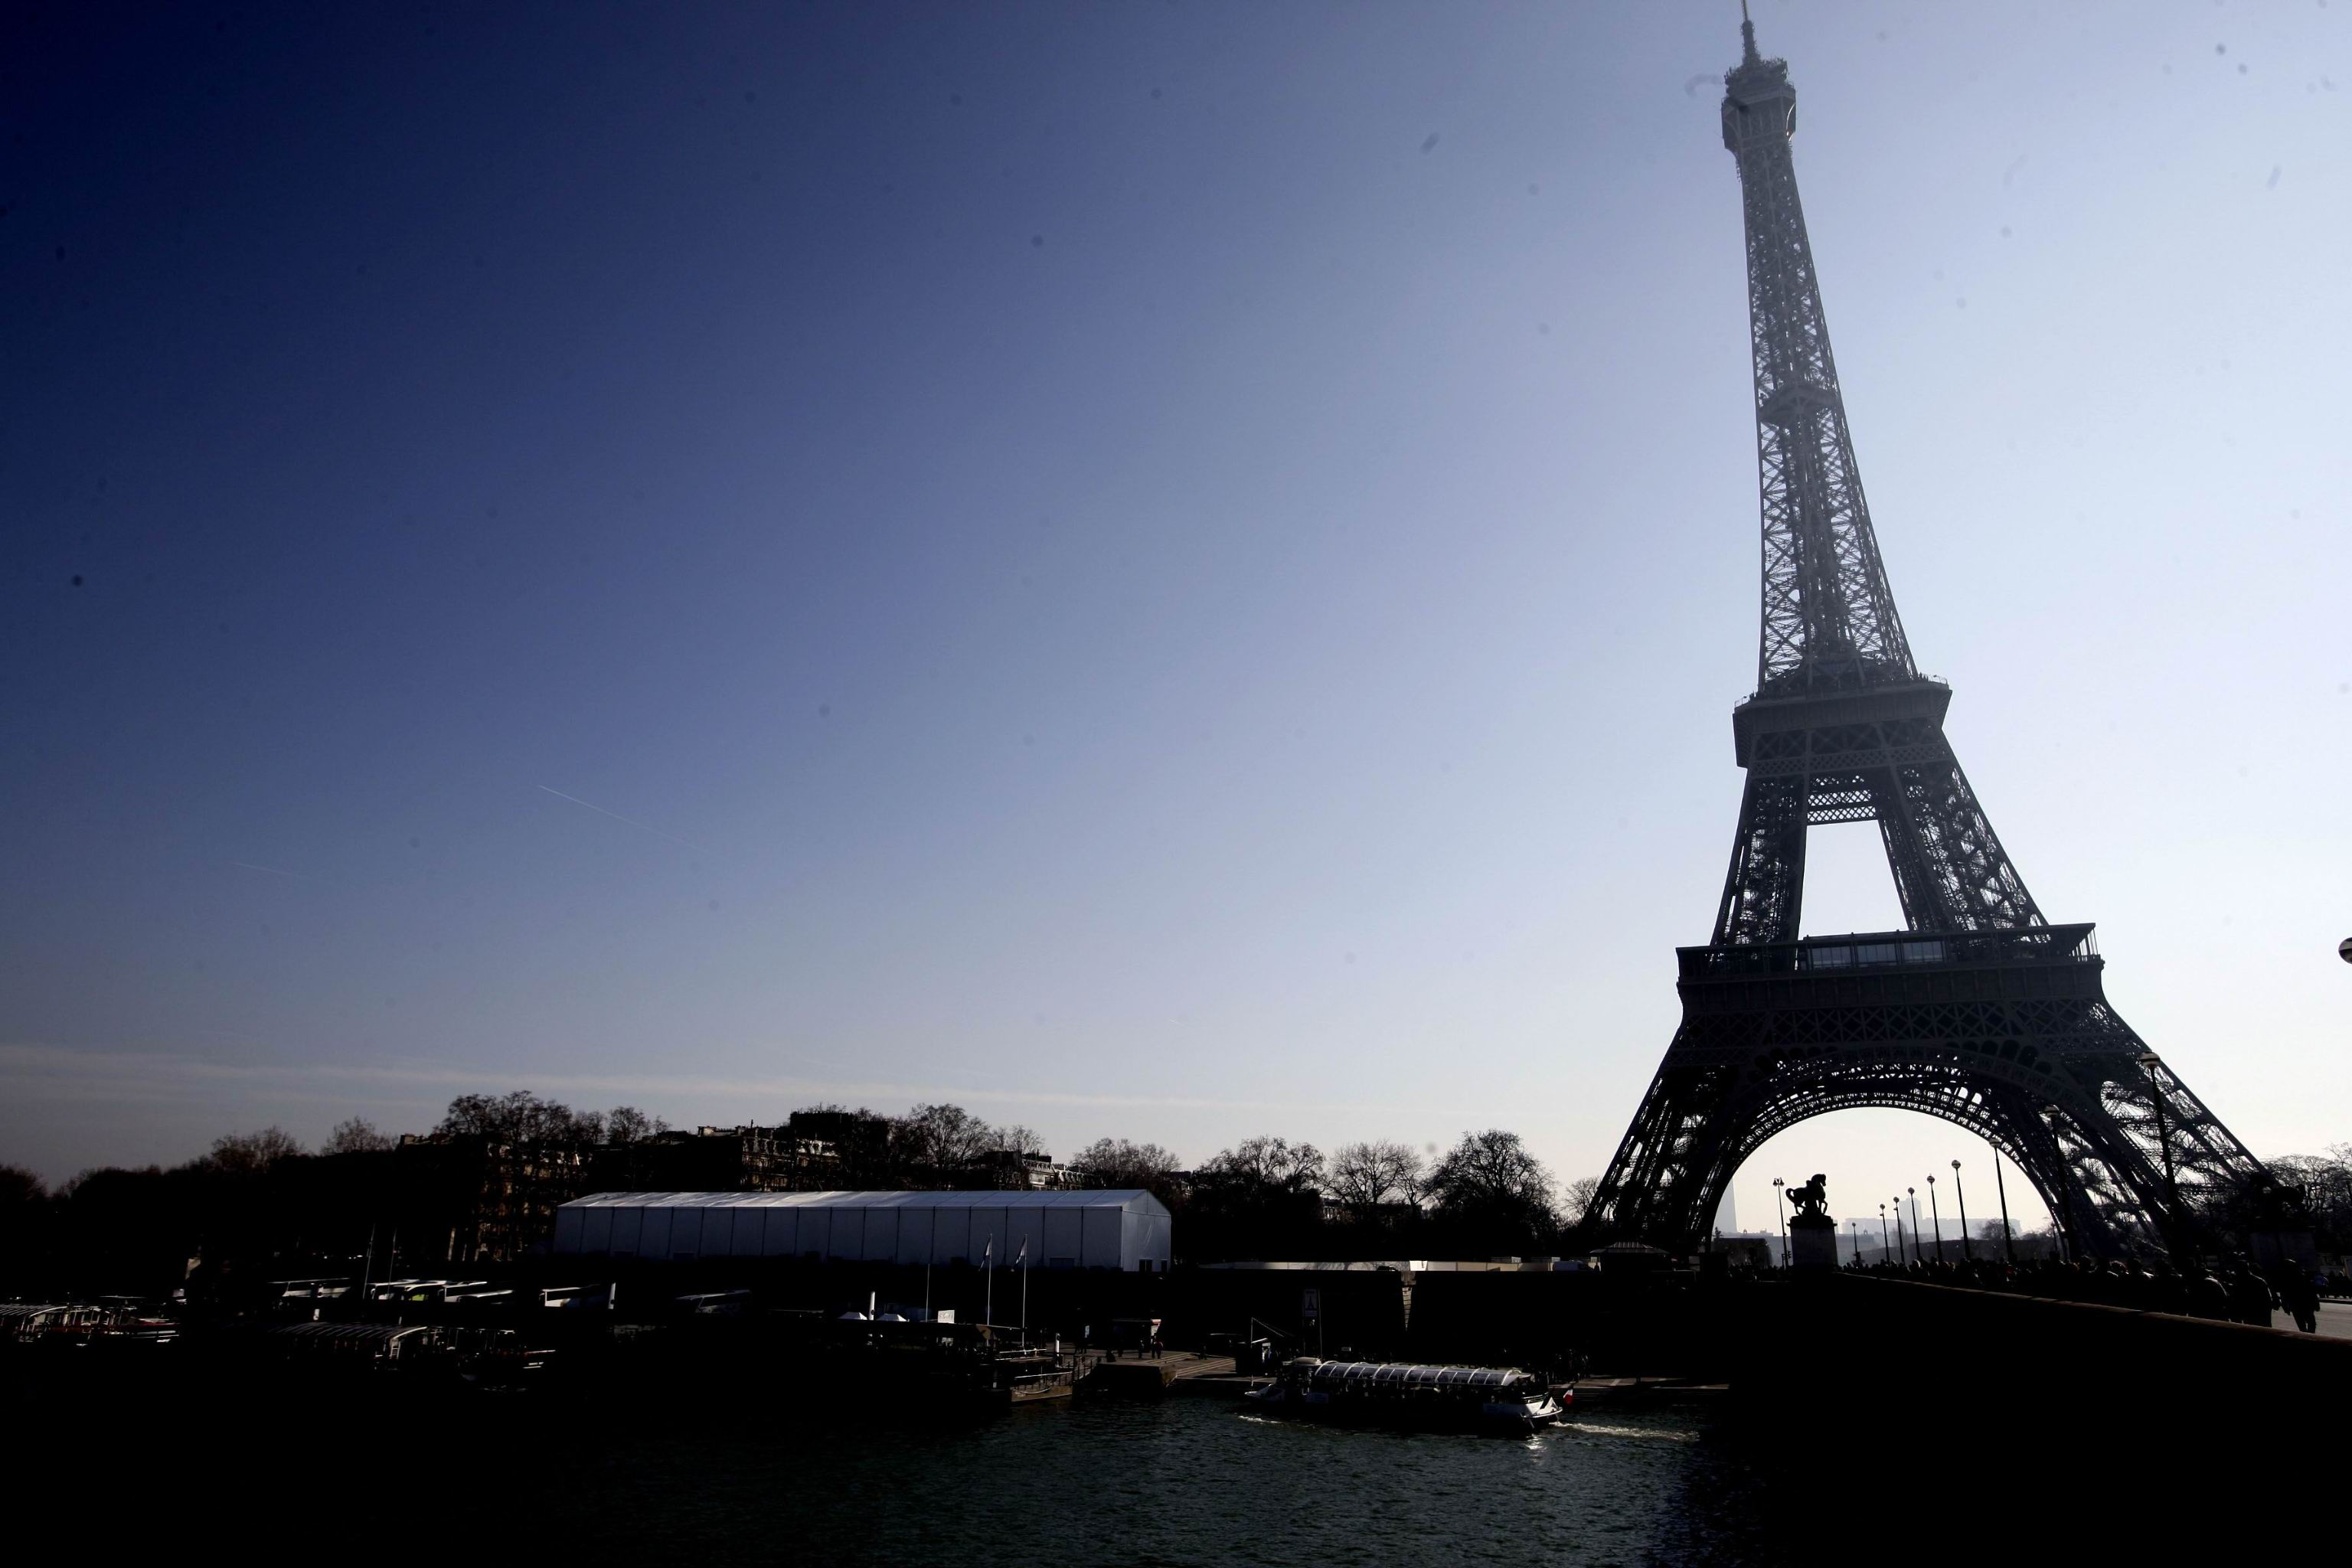 Ritirata candidatura Parigi Expo 2025